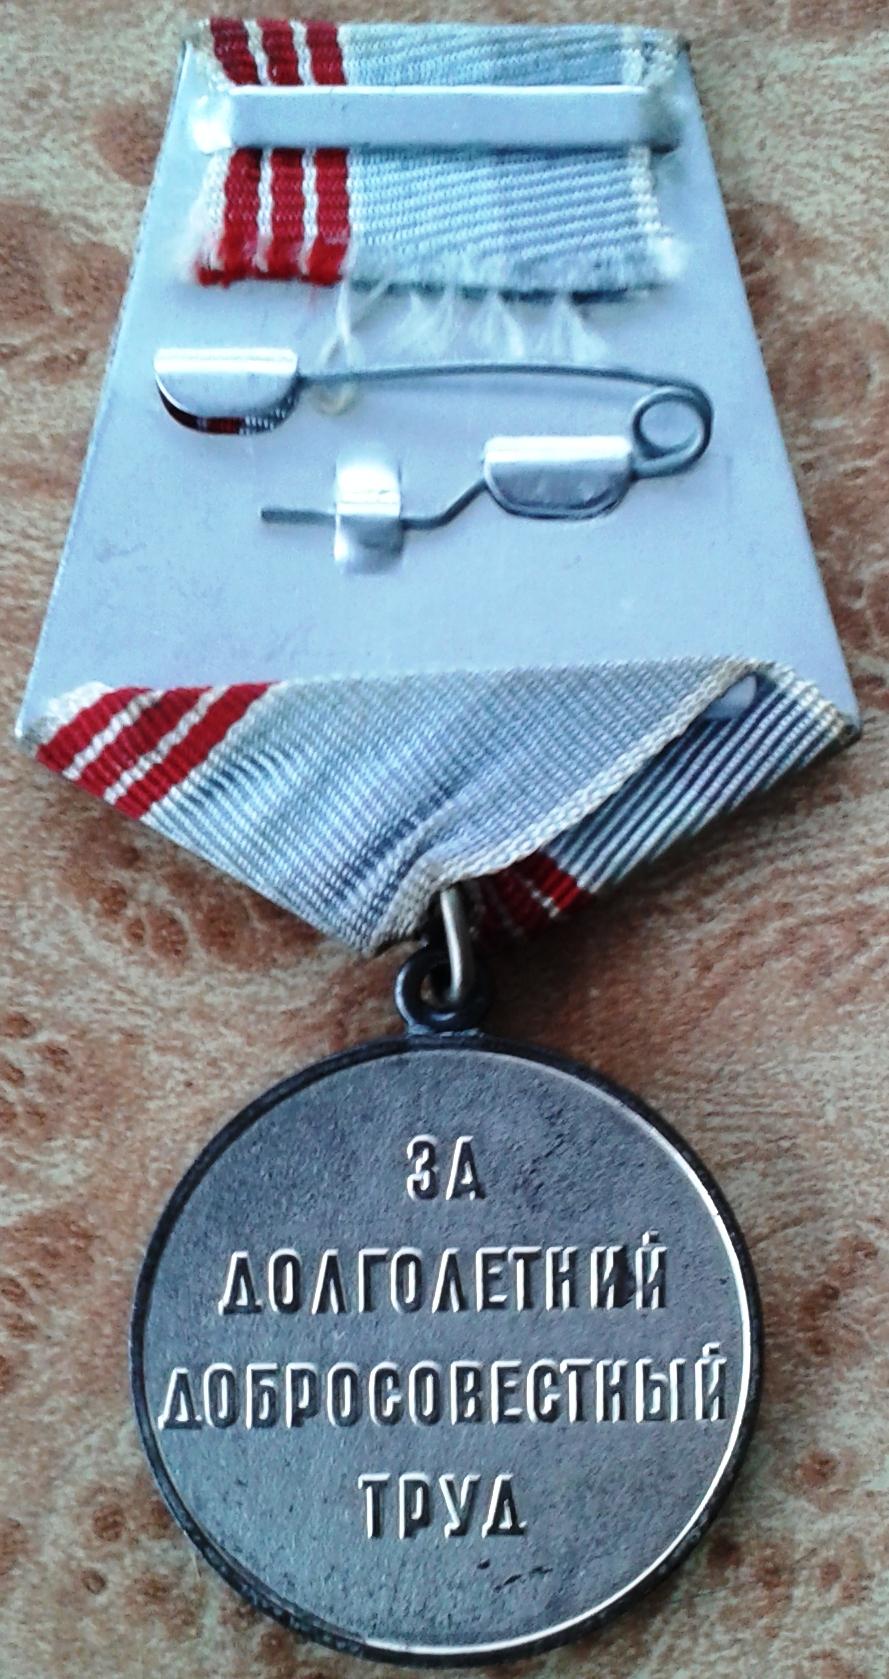 106. Медаль Ветеран труда, Барыкин ПП, 1984